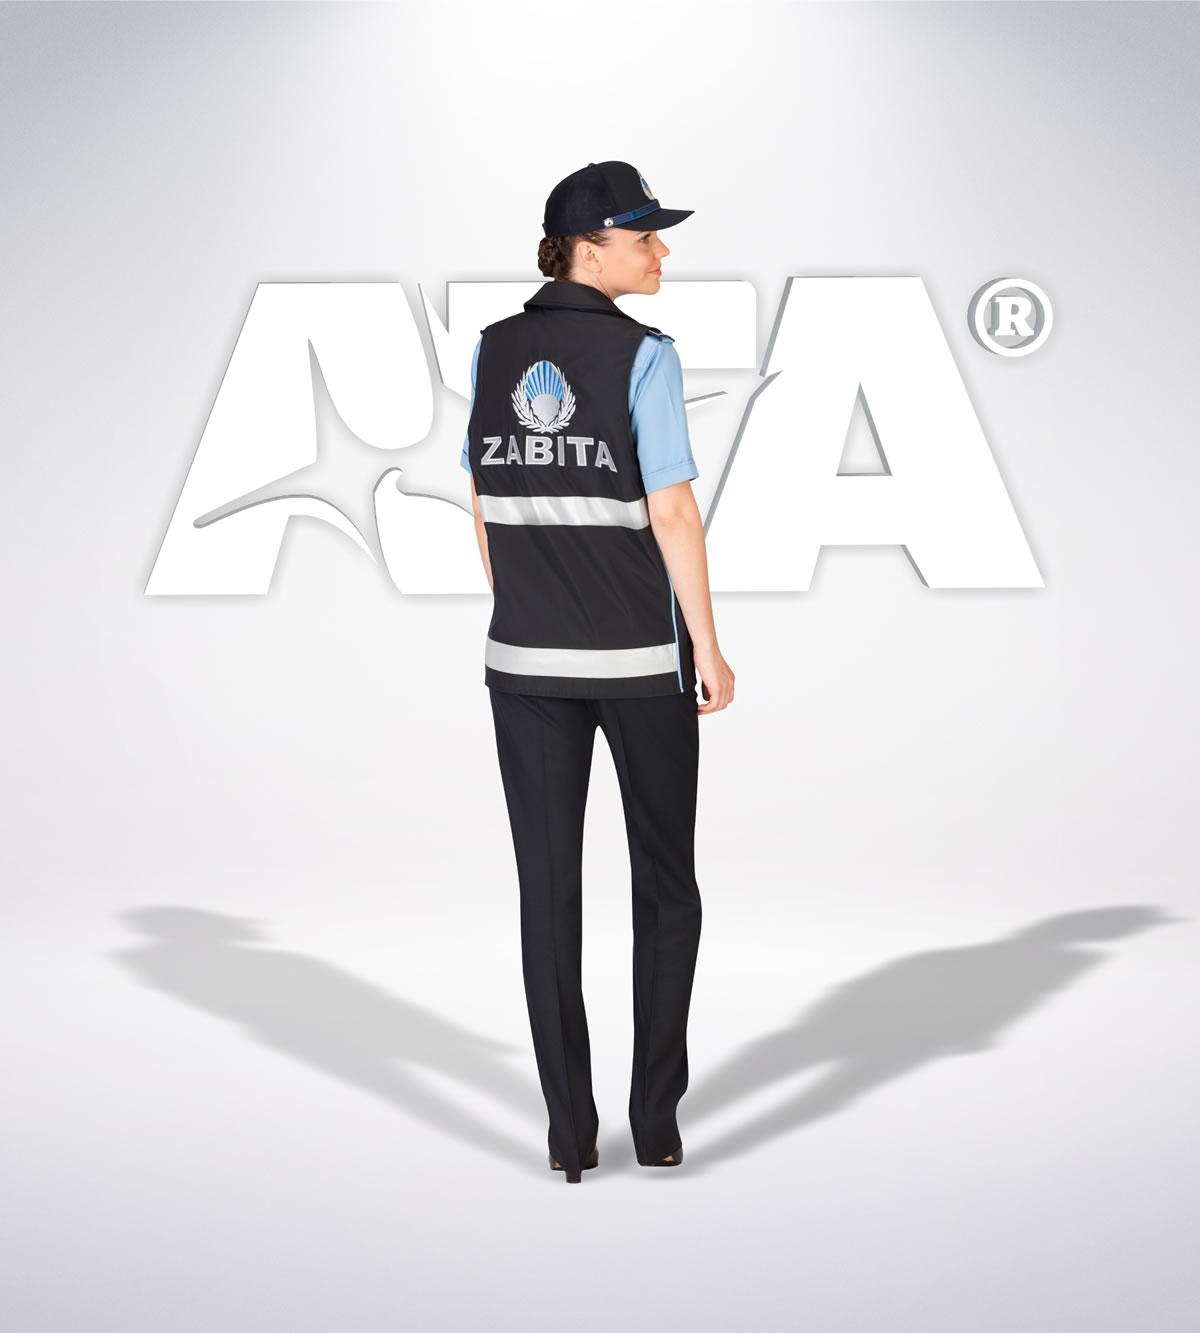 ATA 207 - arka - Pantolon yazlık -reflektör- yelek - aksesuar - zabıta elbiseleri | zabıta üniformaları | zabıta kıyafetleri